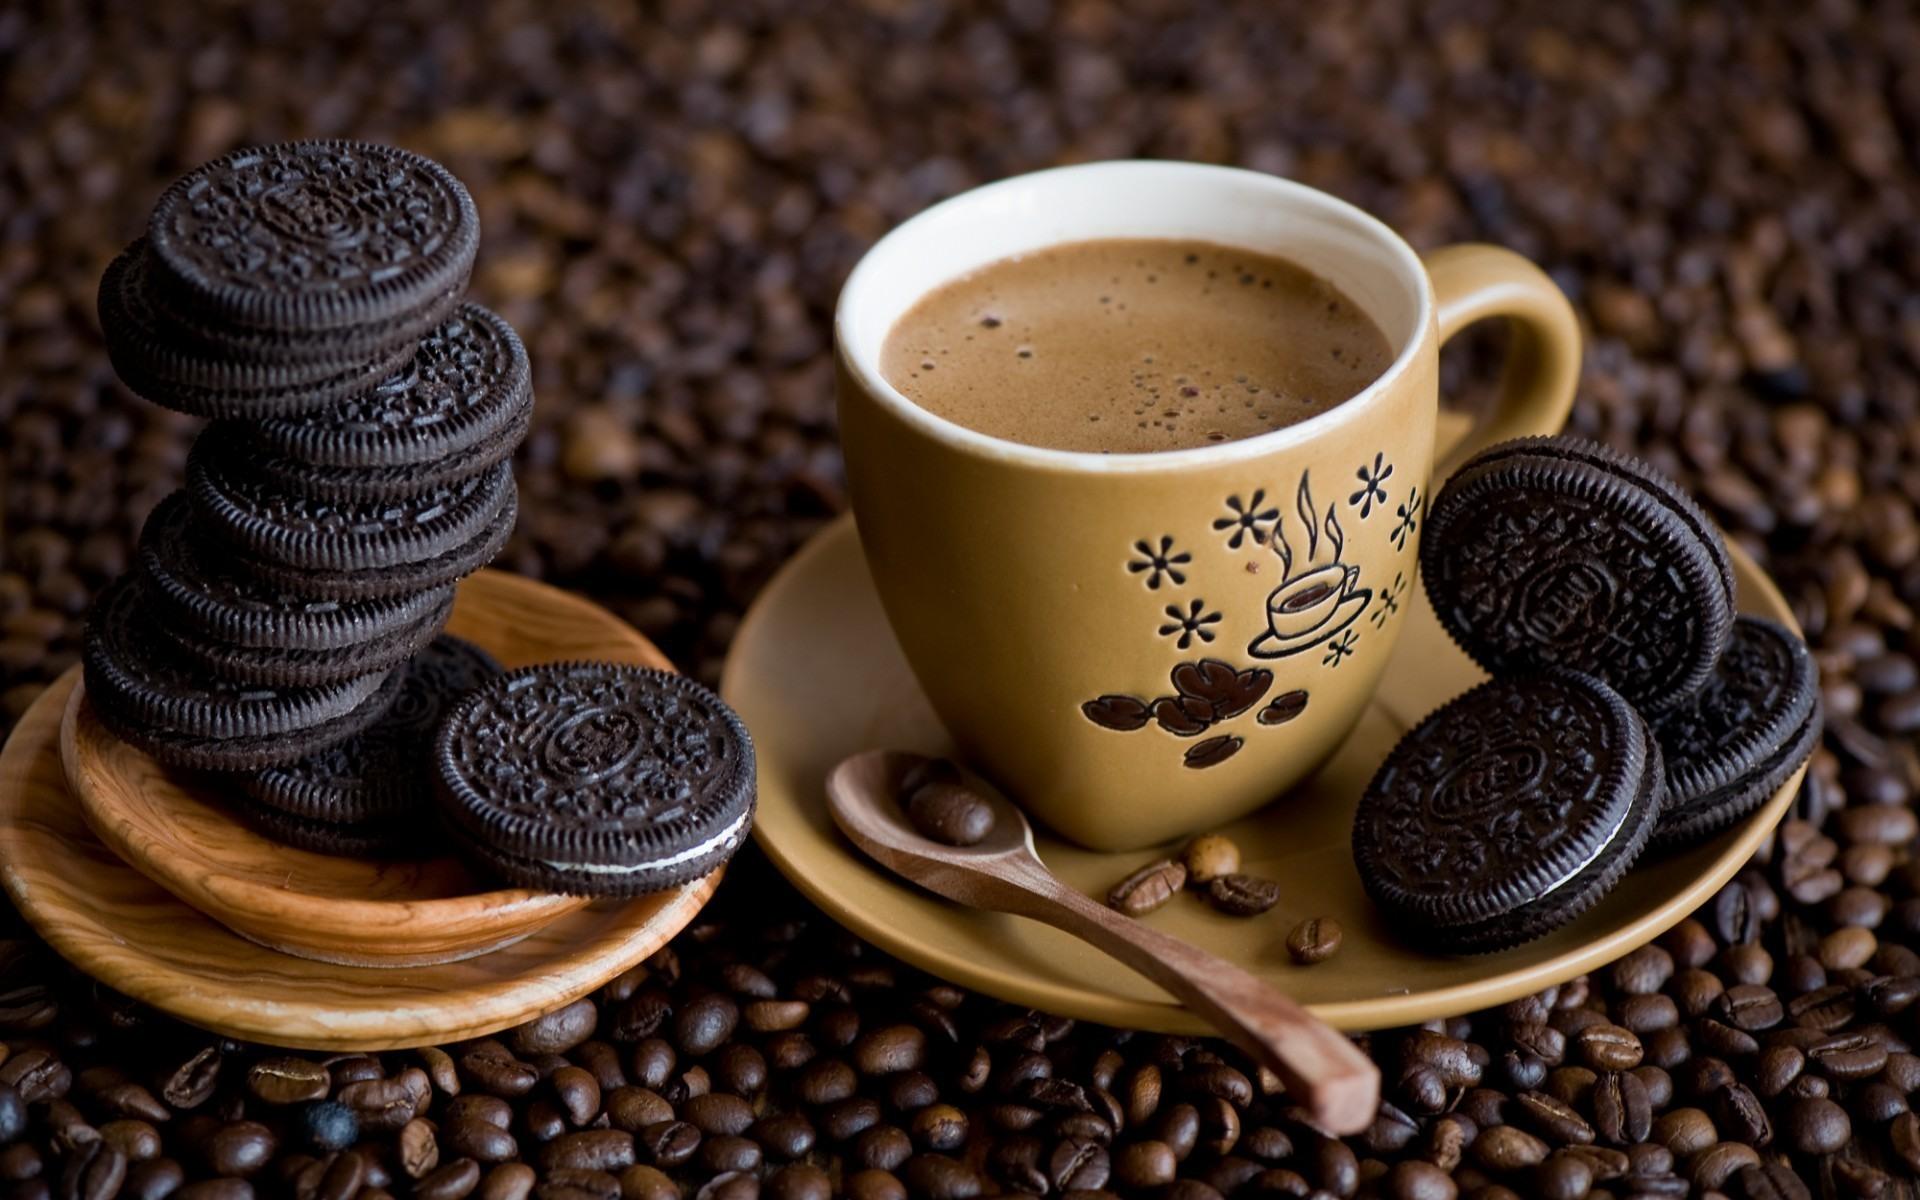 картинка с кофе в руках